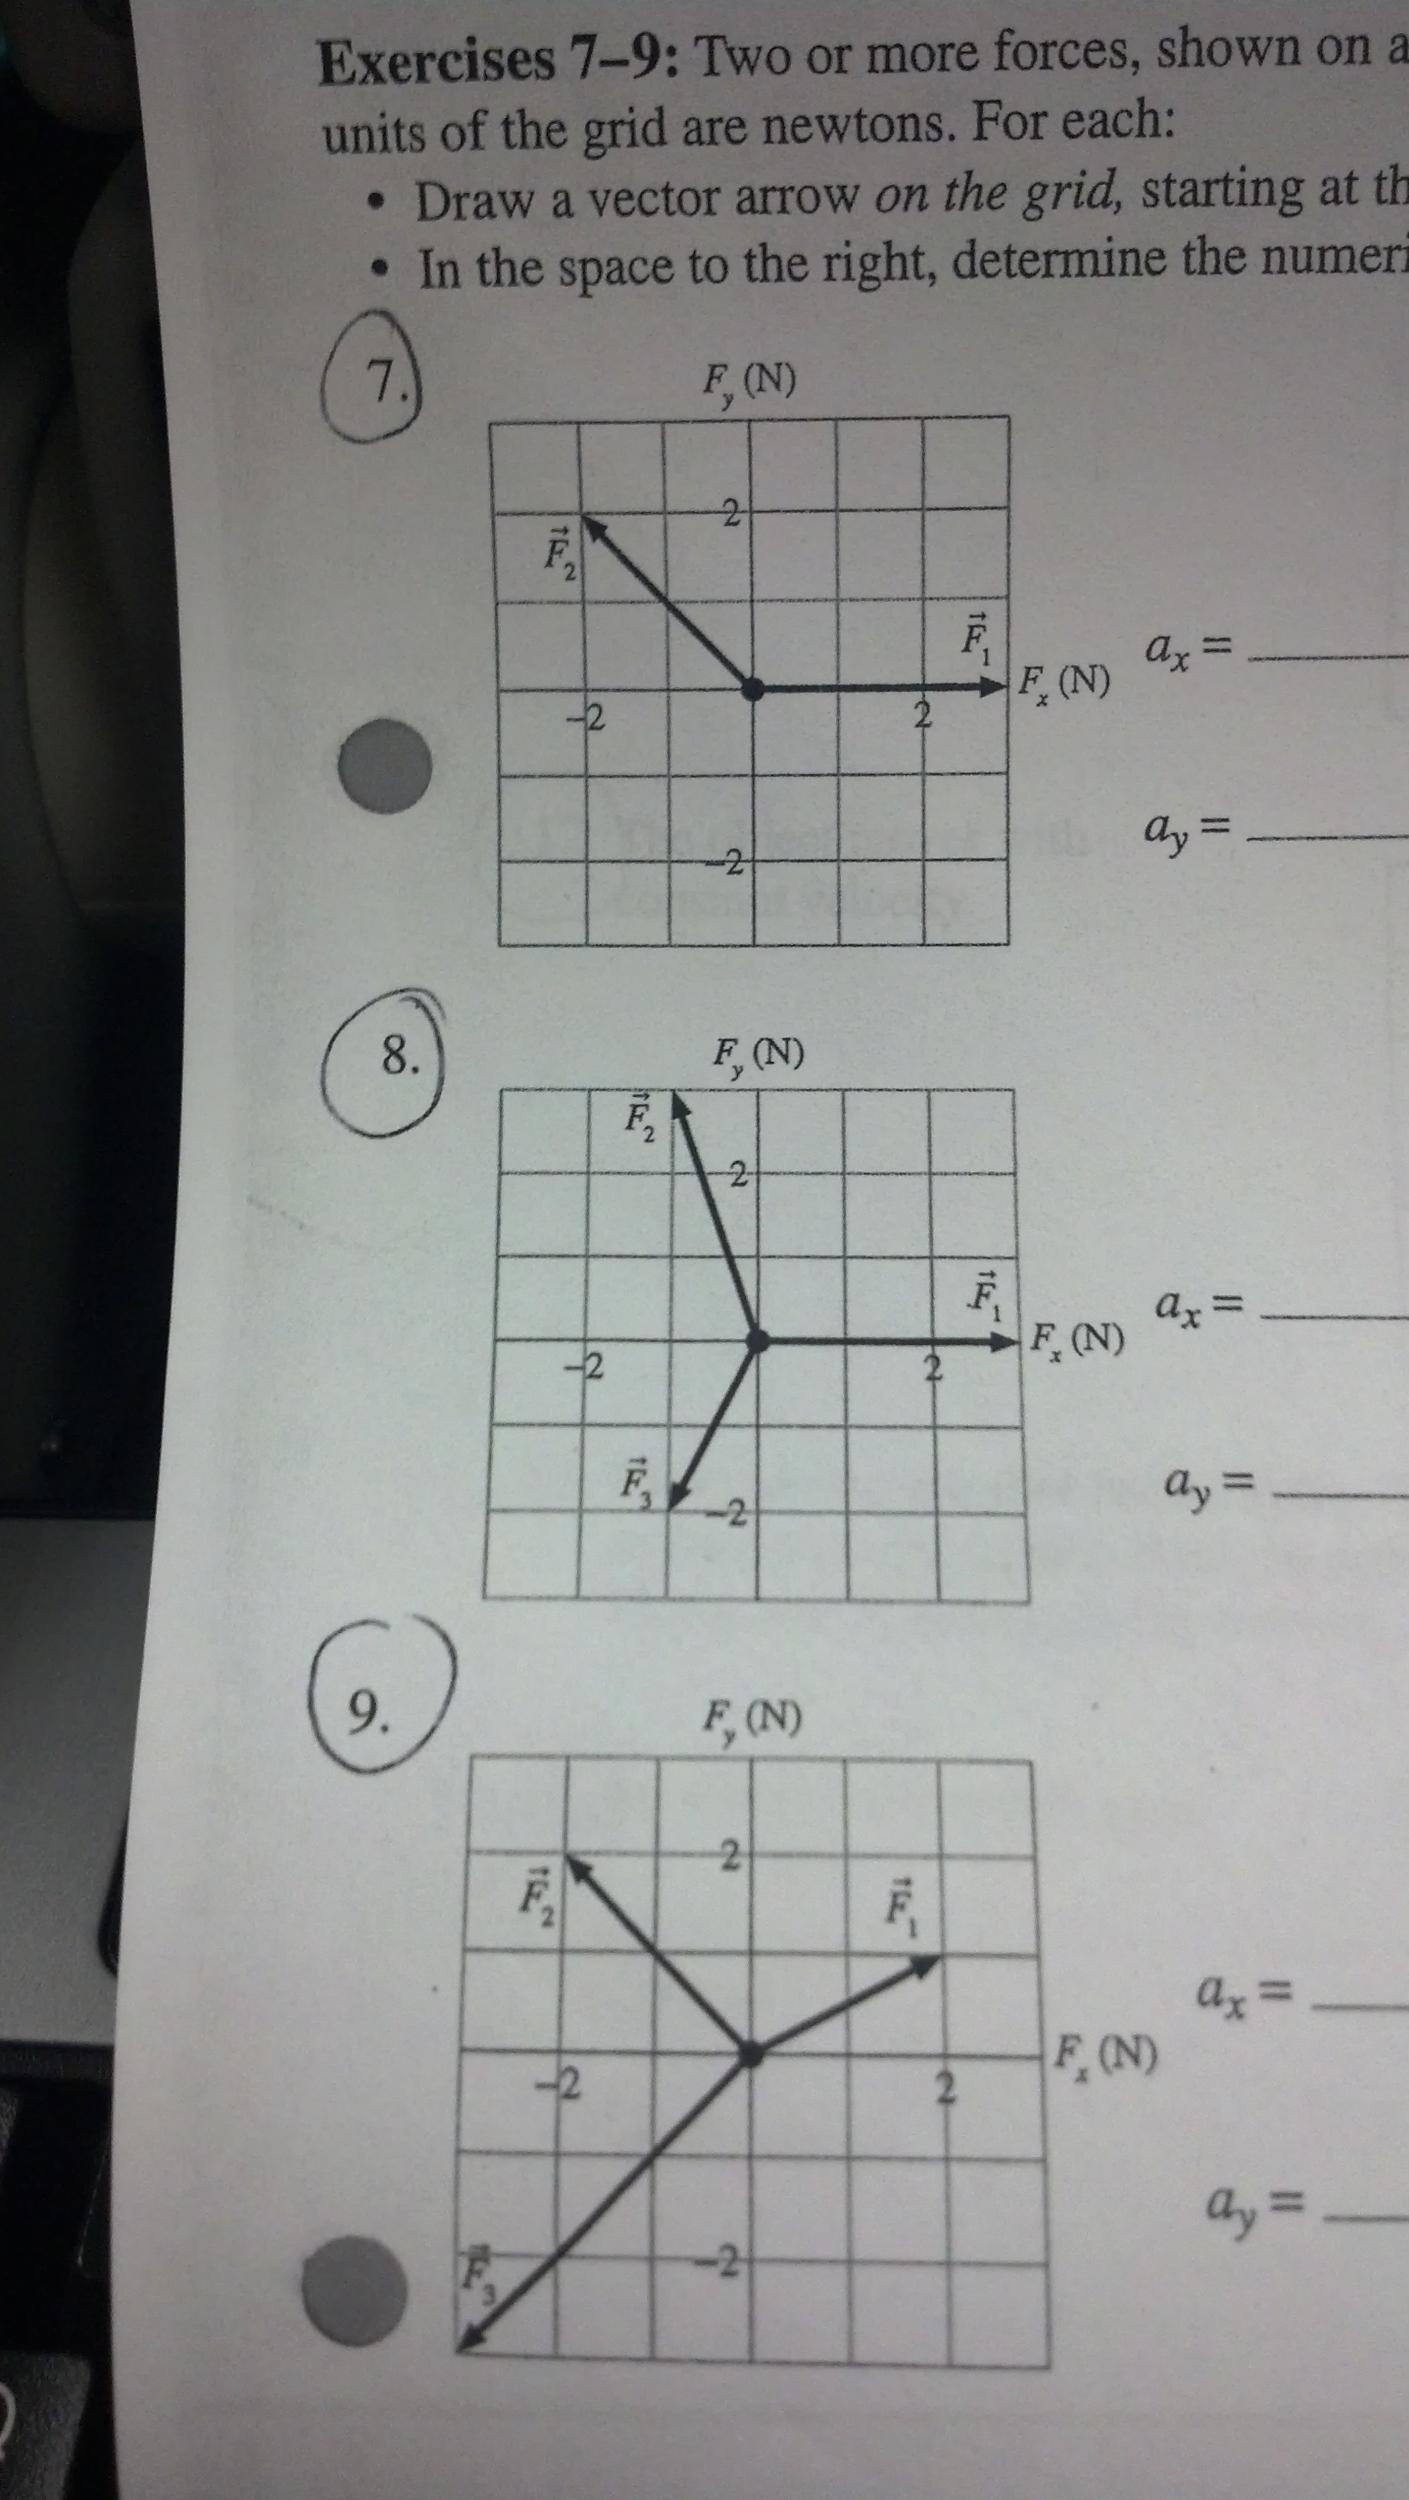 media/7b0/7b033f7c-fc74-48db-8ede-d4